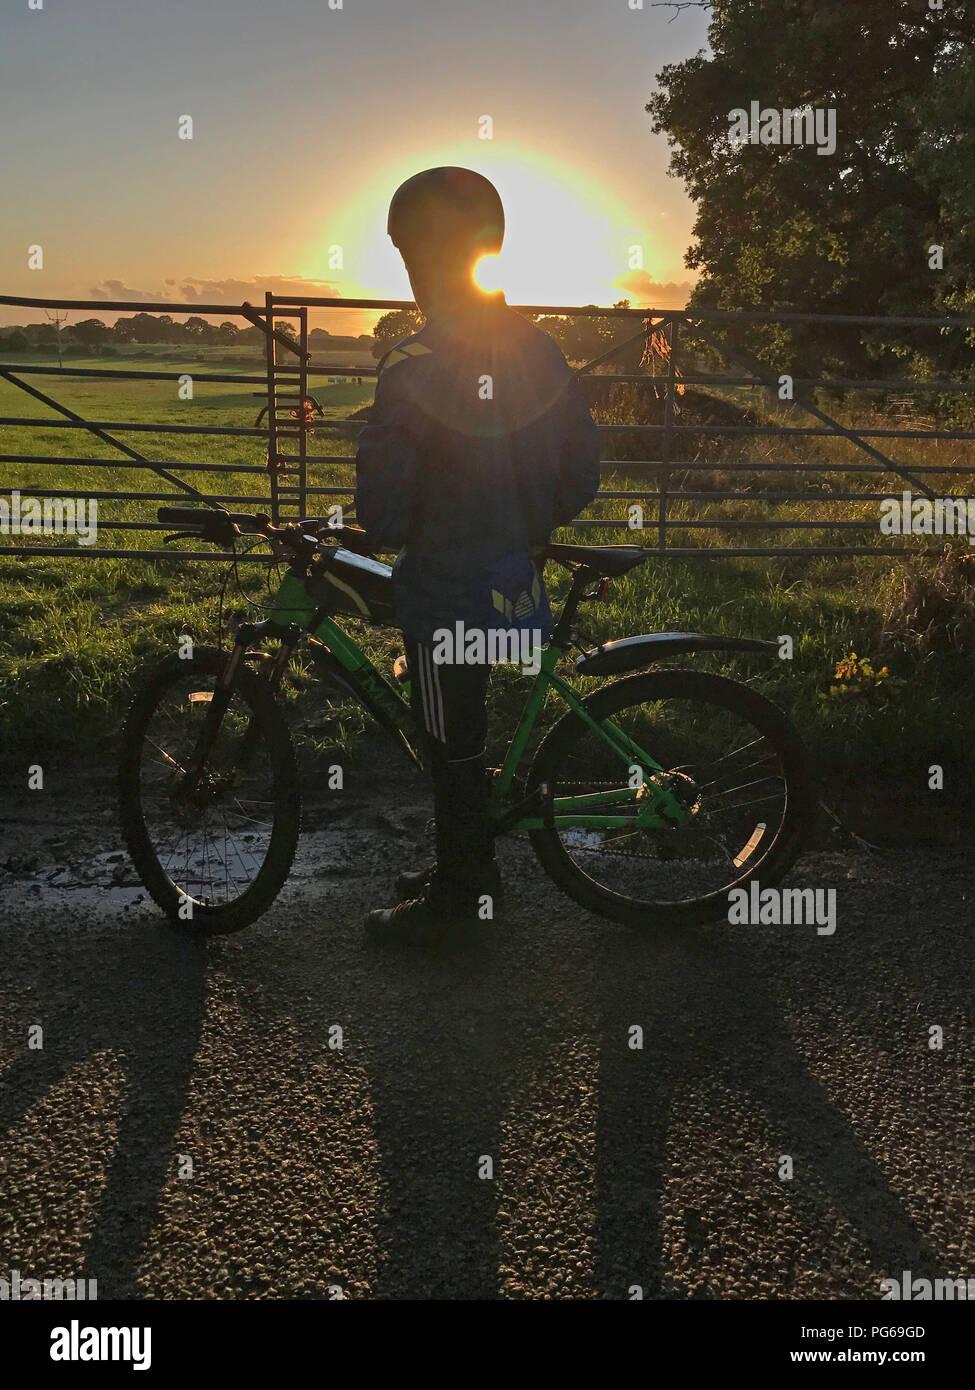 @Hotpixuk,sunset